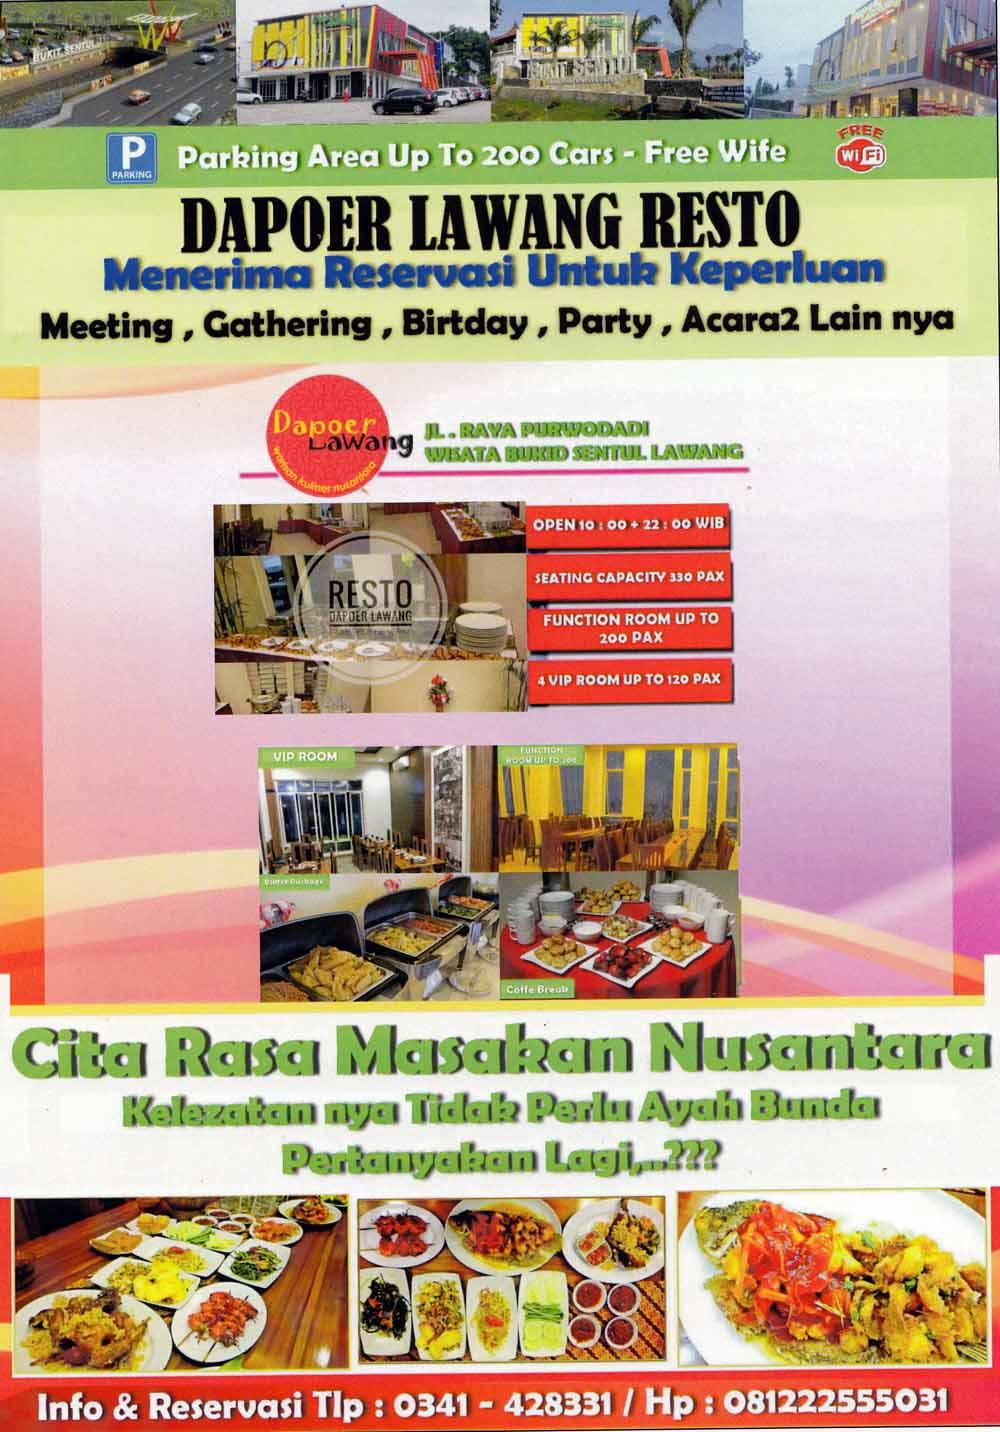 Dapoer Lawang Resto